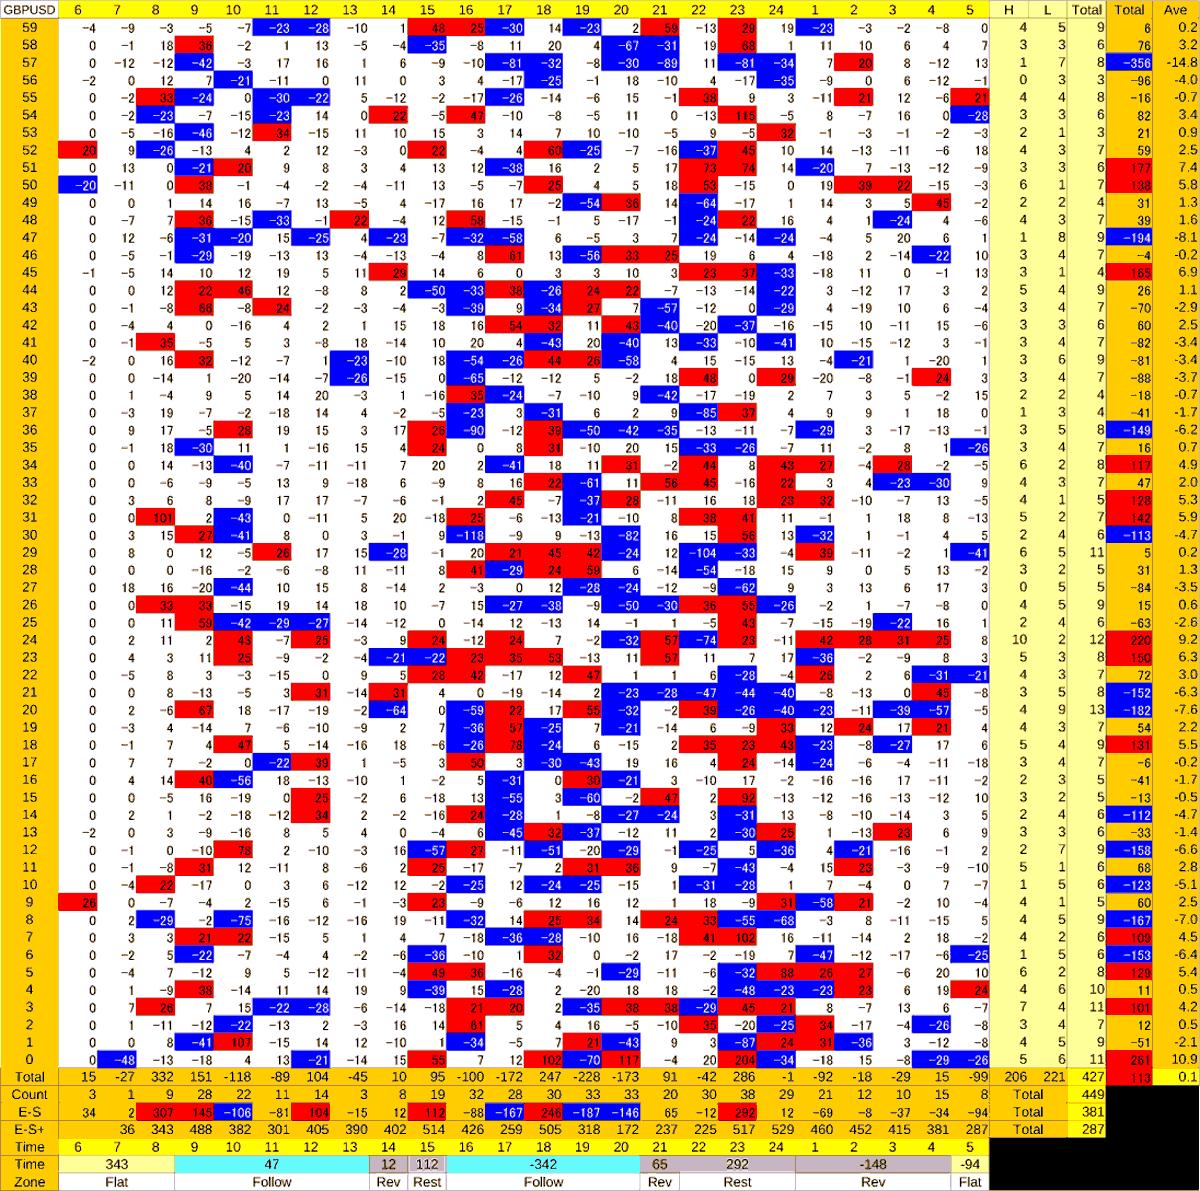 20200603_HS(2)GBPUSD